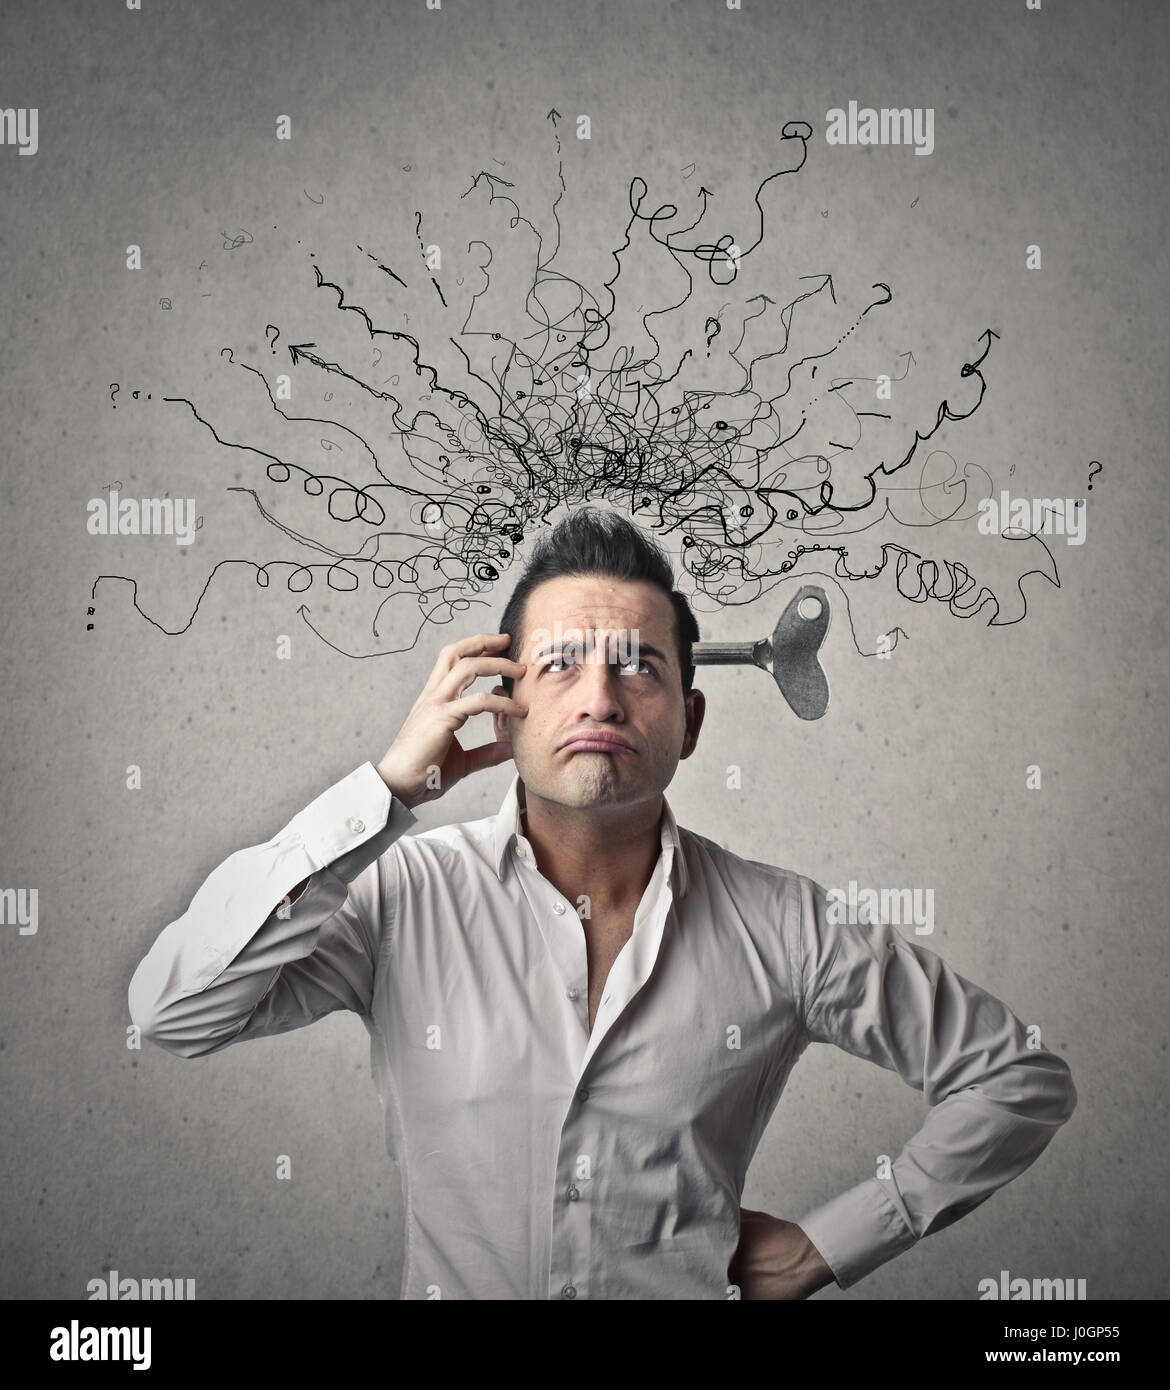 Businessman avec un fouillis dans sa tête Photo Stock